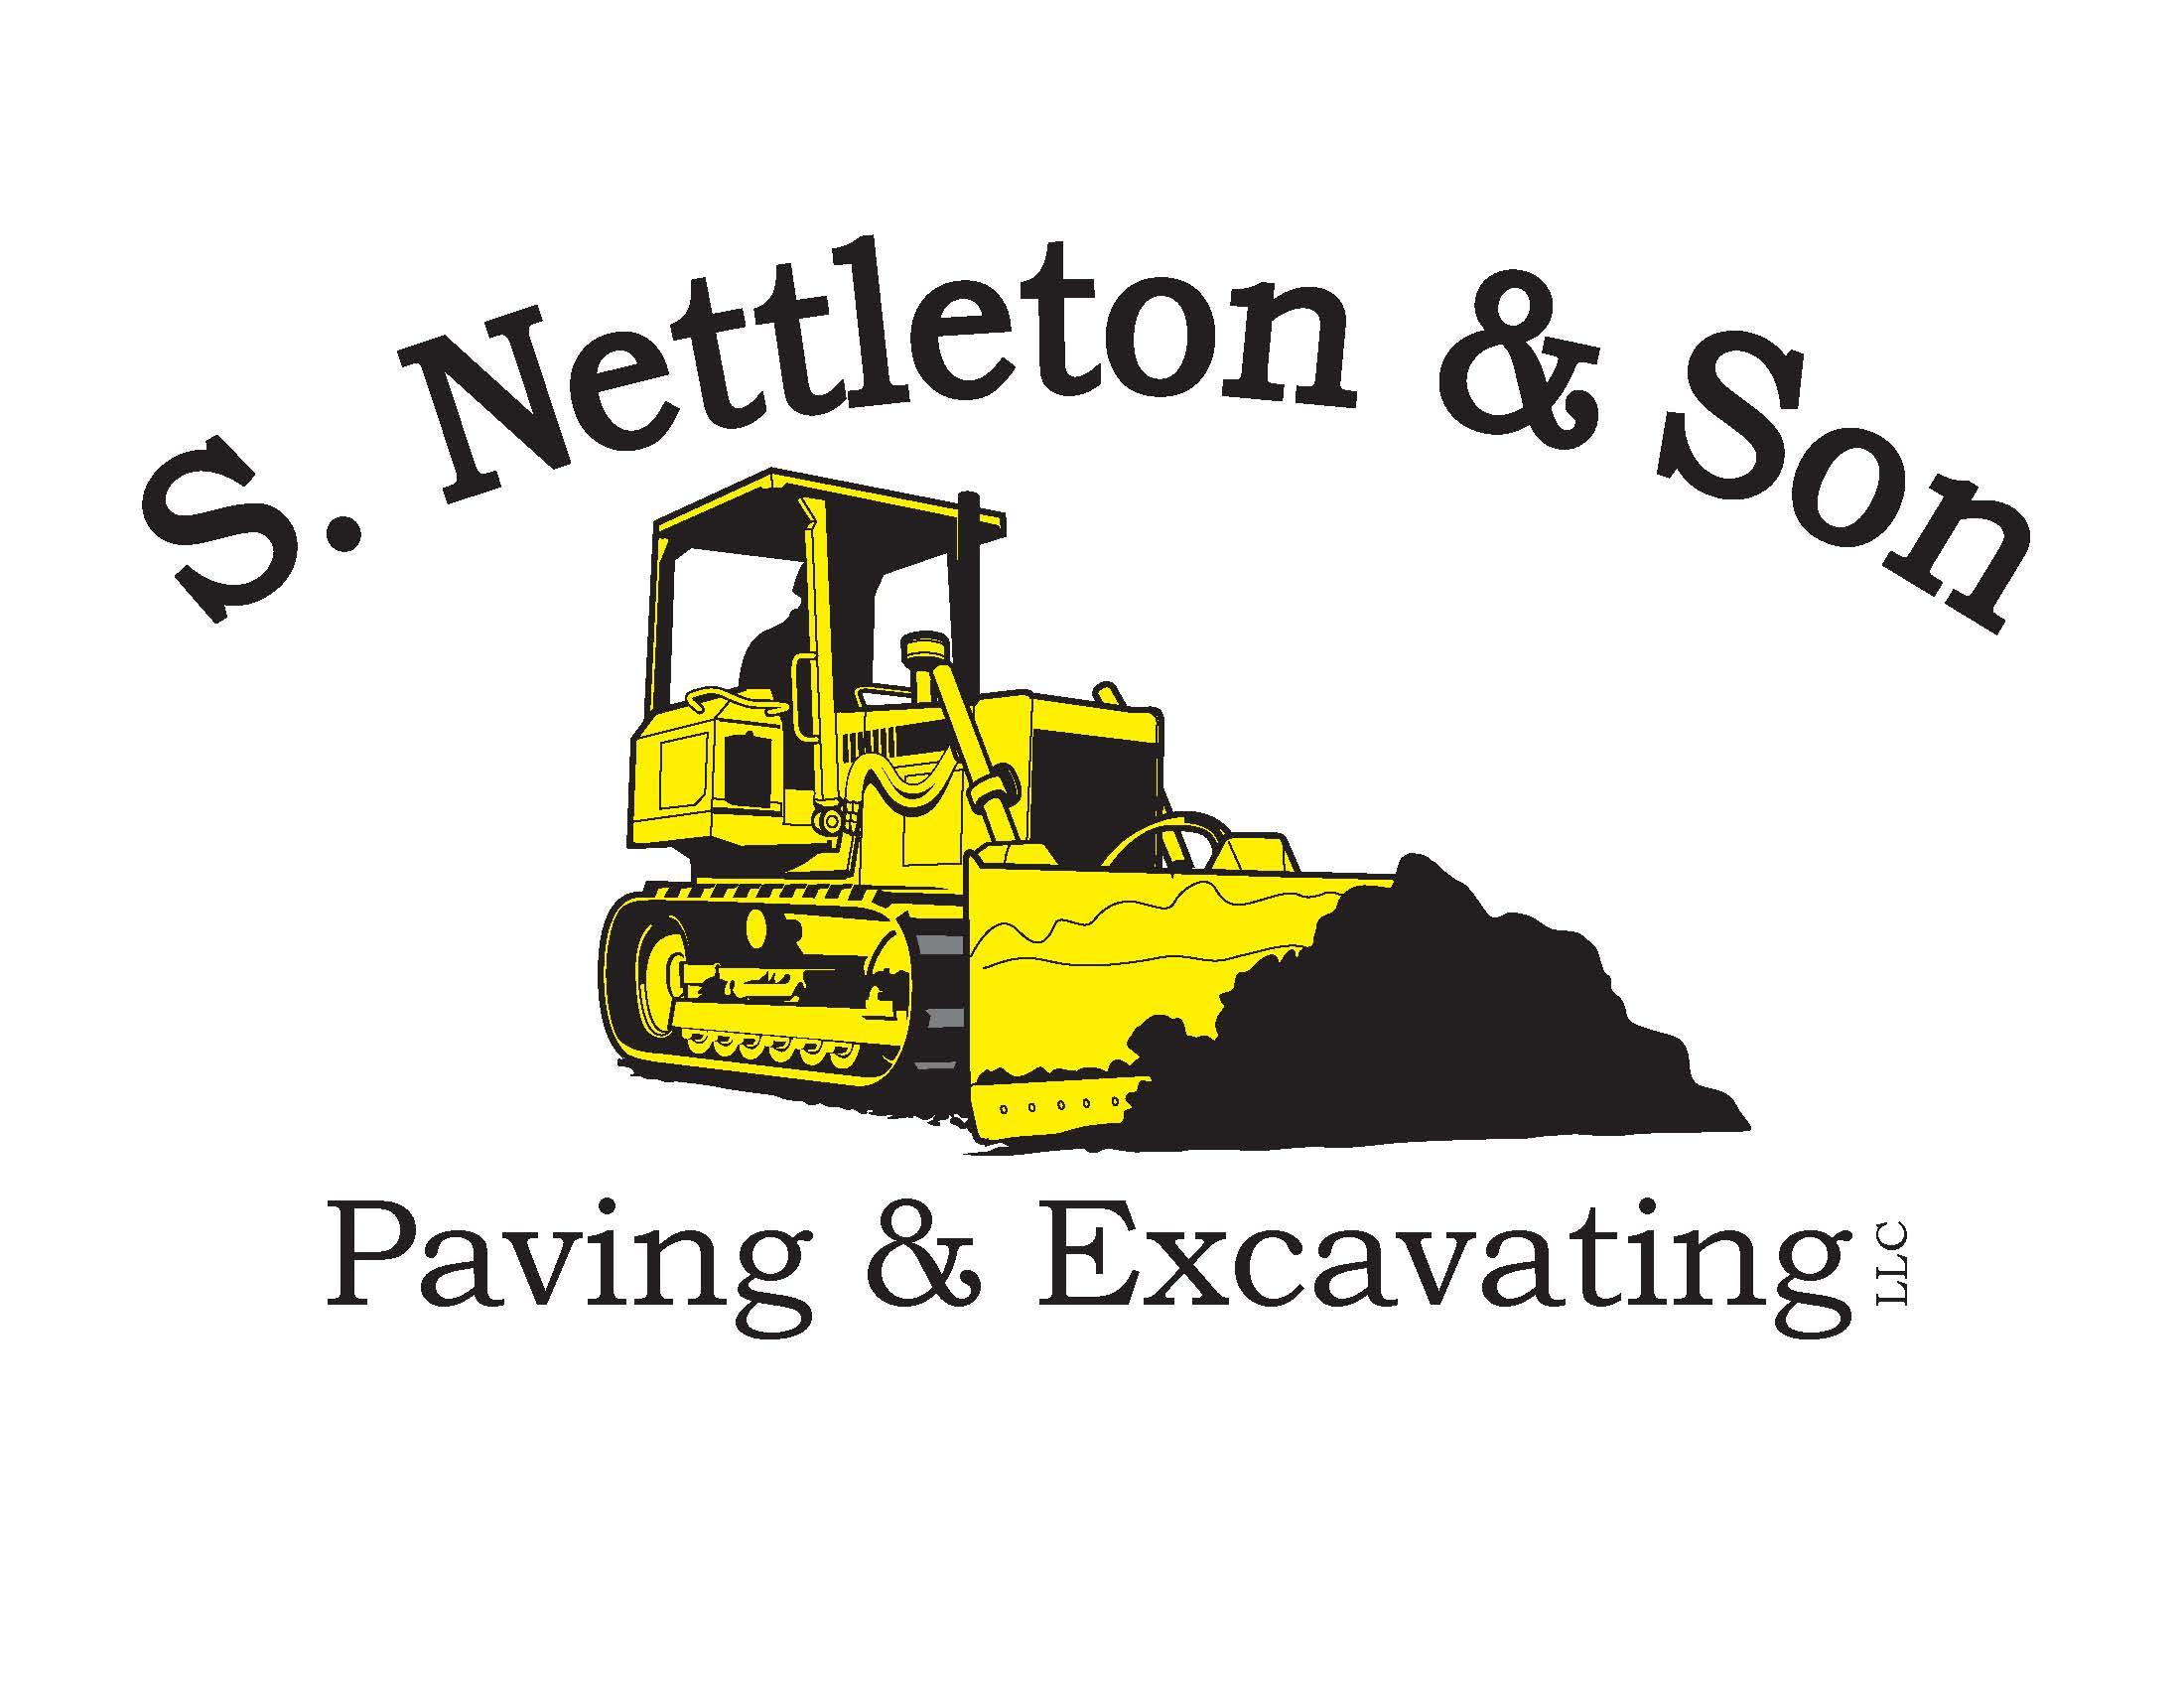 S. Nettleton & Son